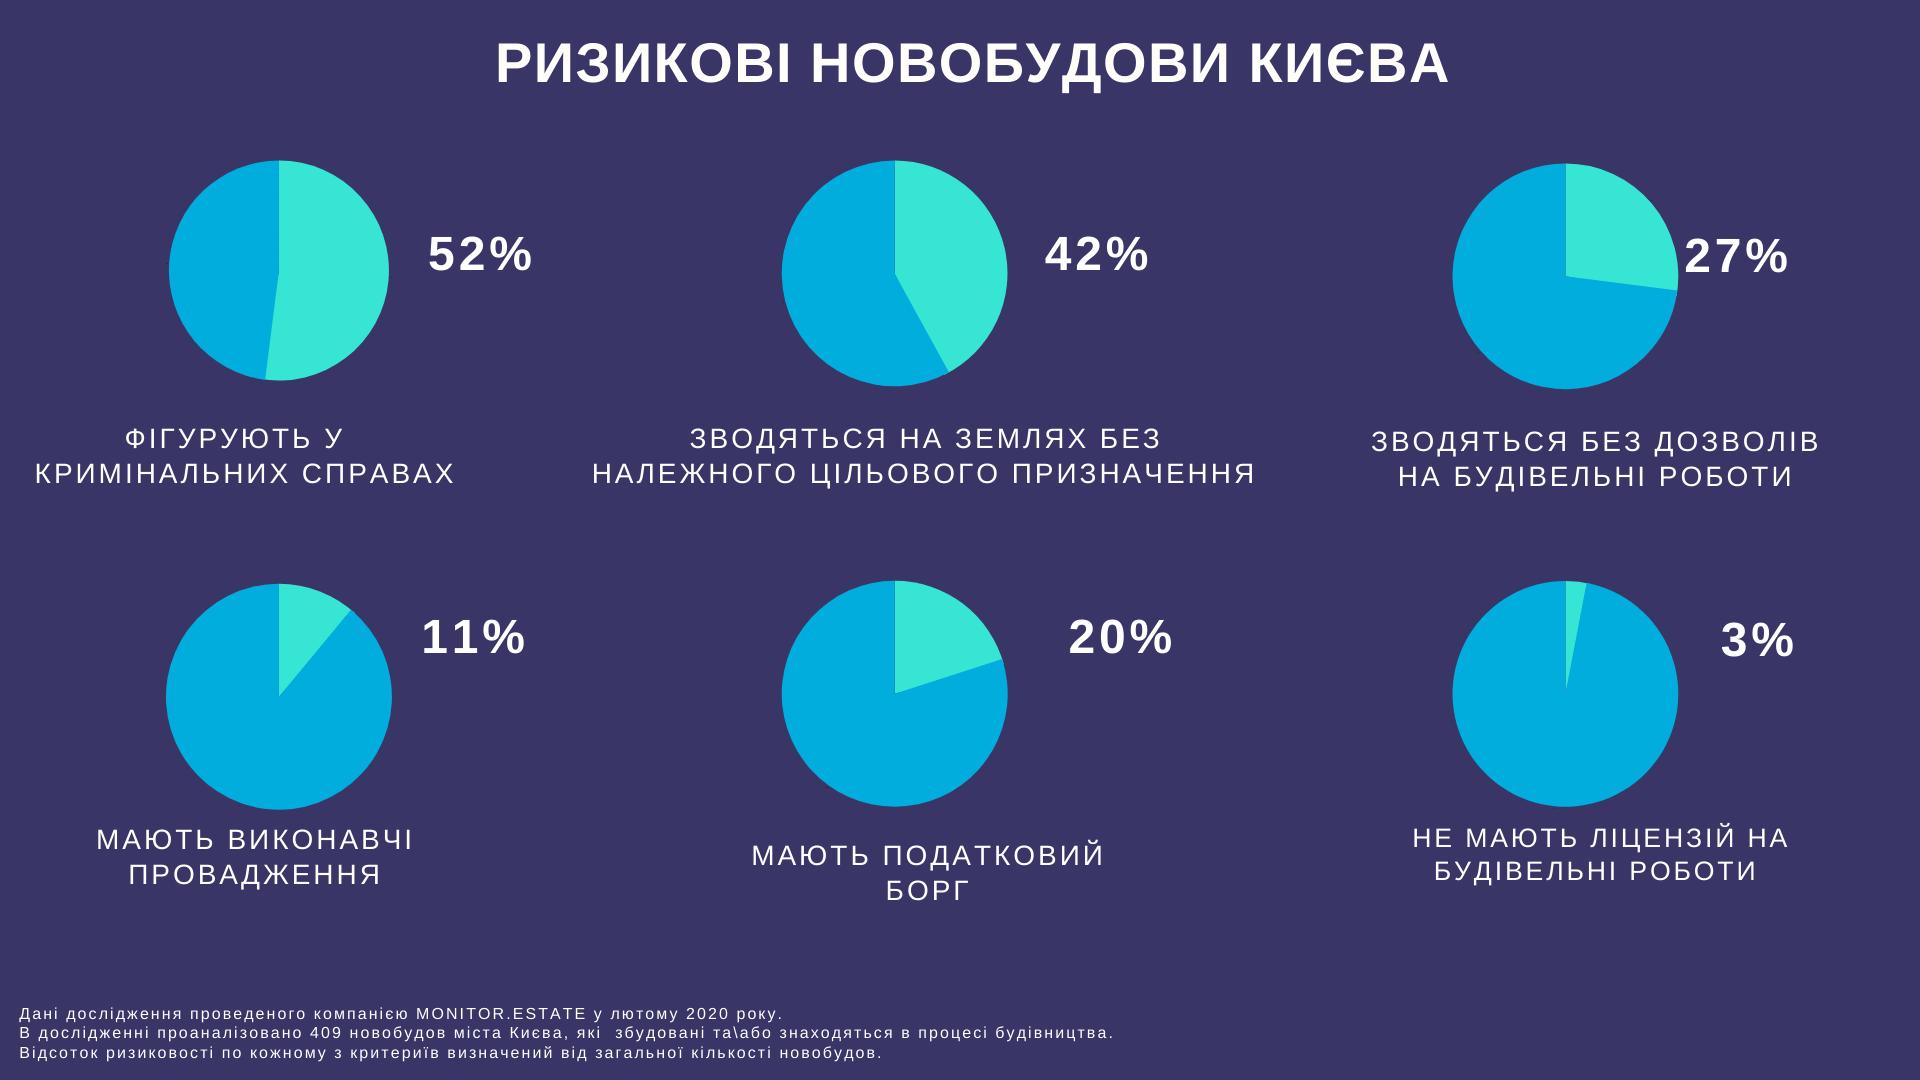 52%  новобудов в Києві потрапляють в категорію ризикових — дослідження